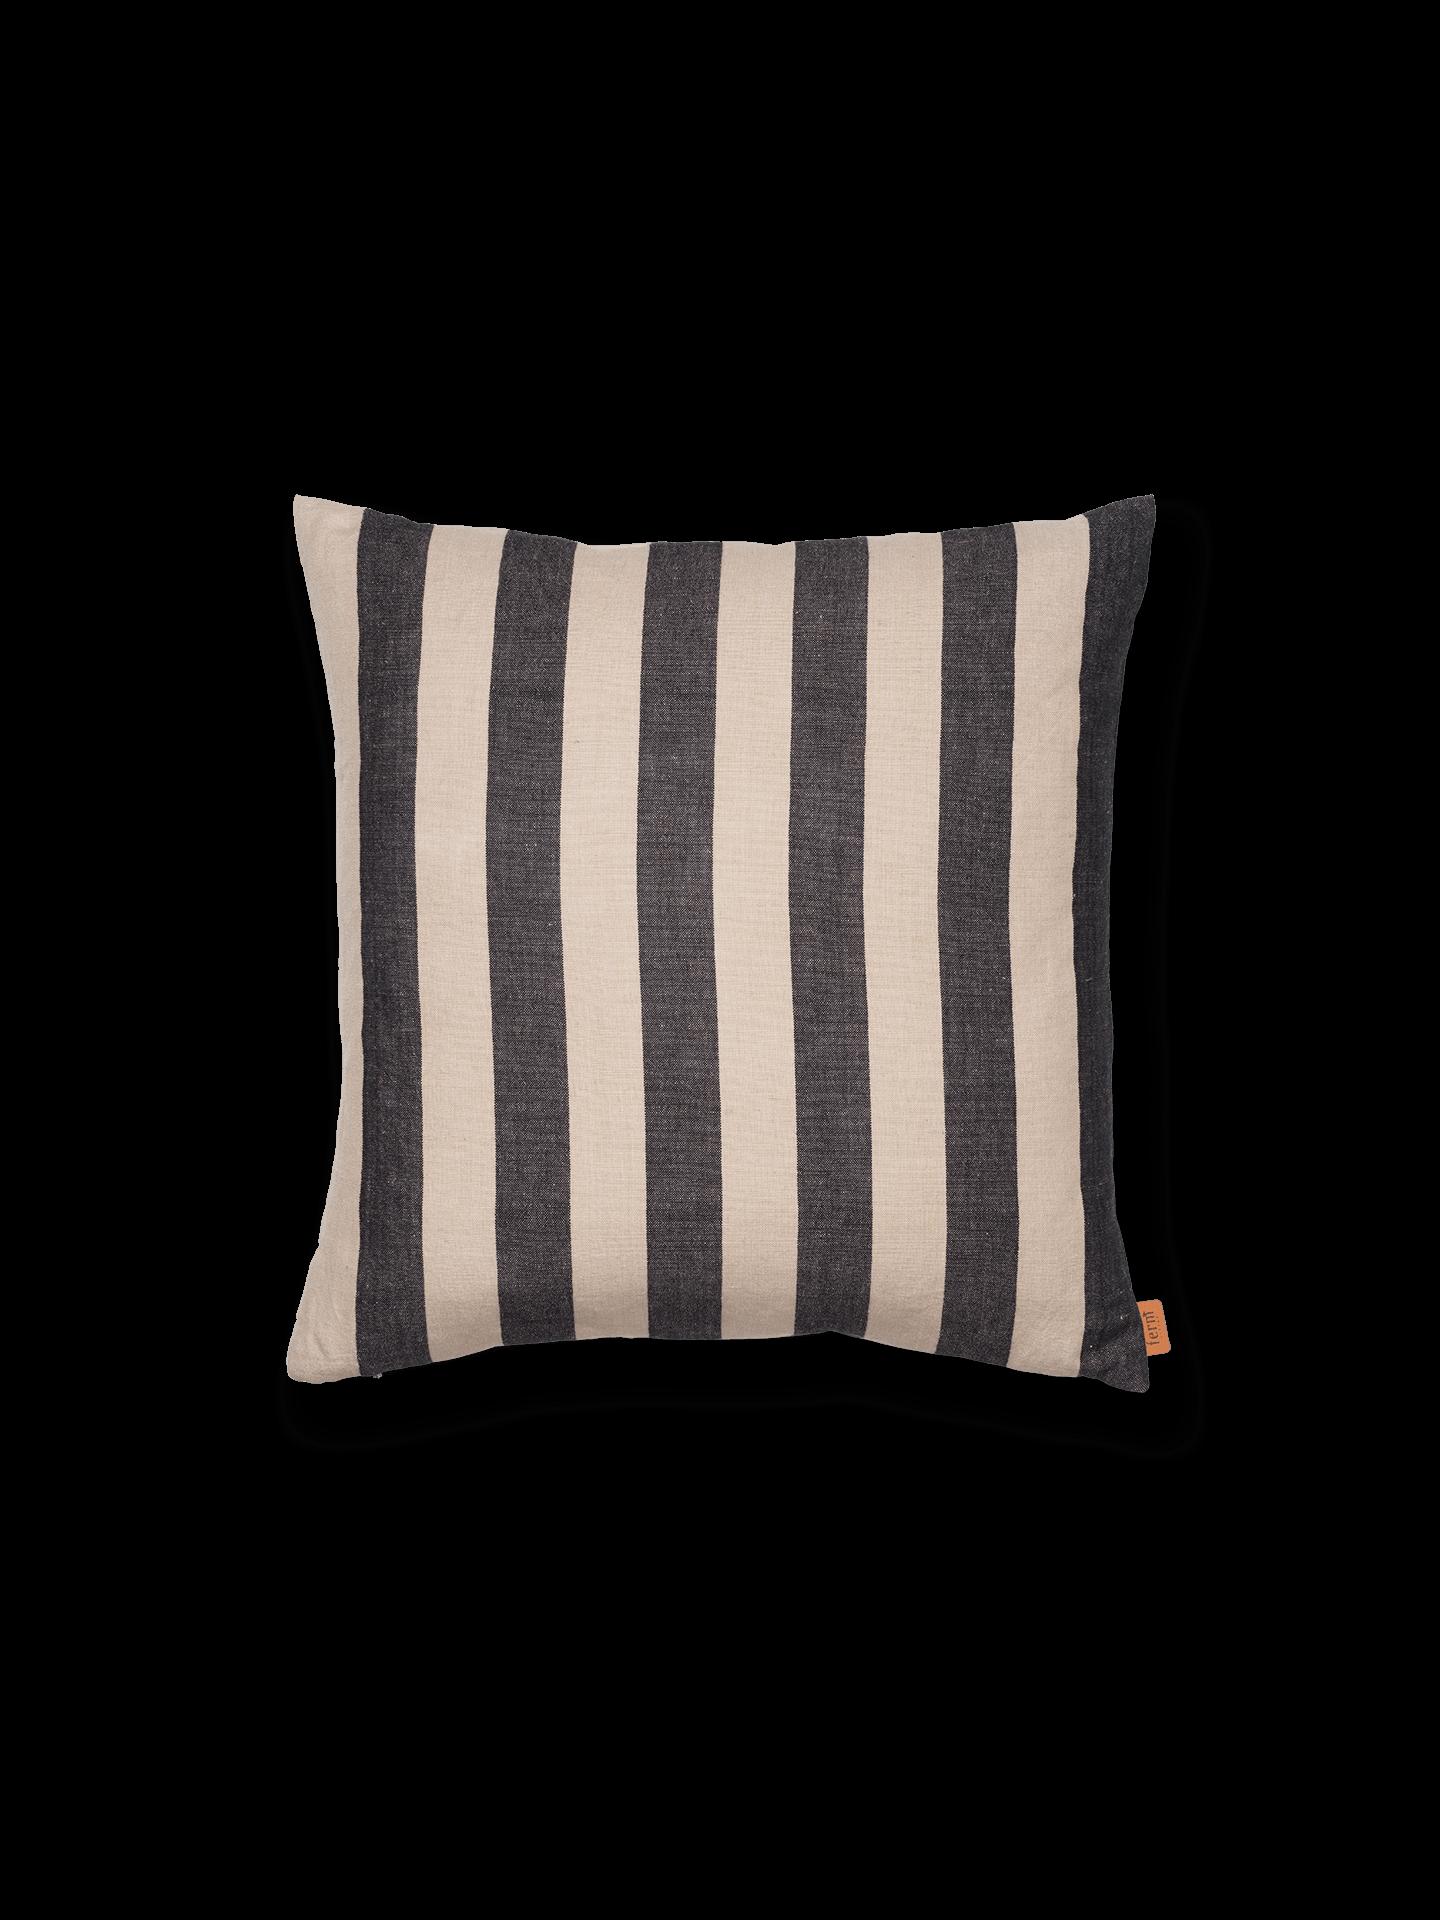 ferm living Grand Cushion black / sand